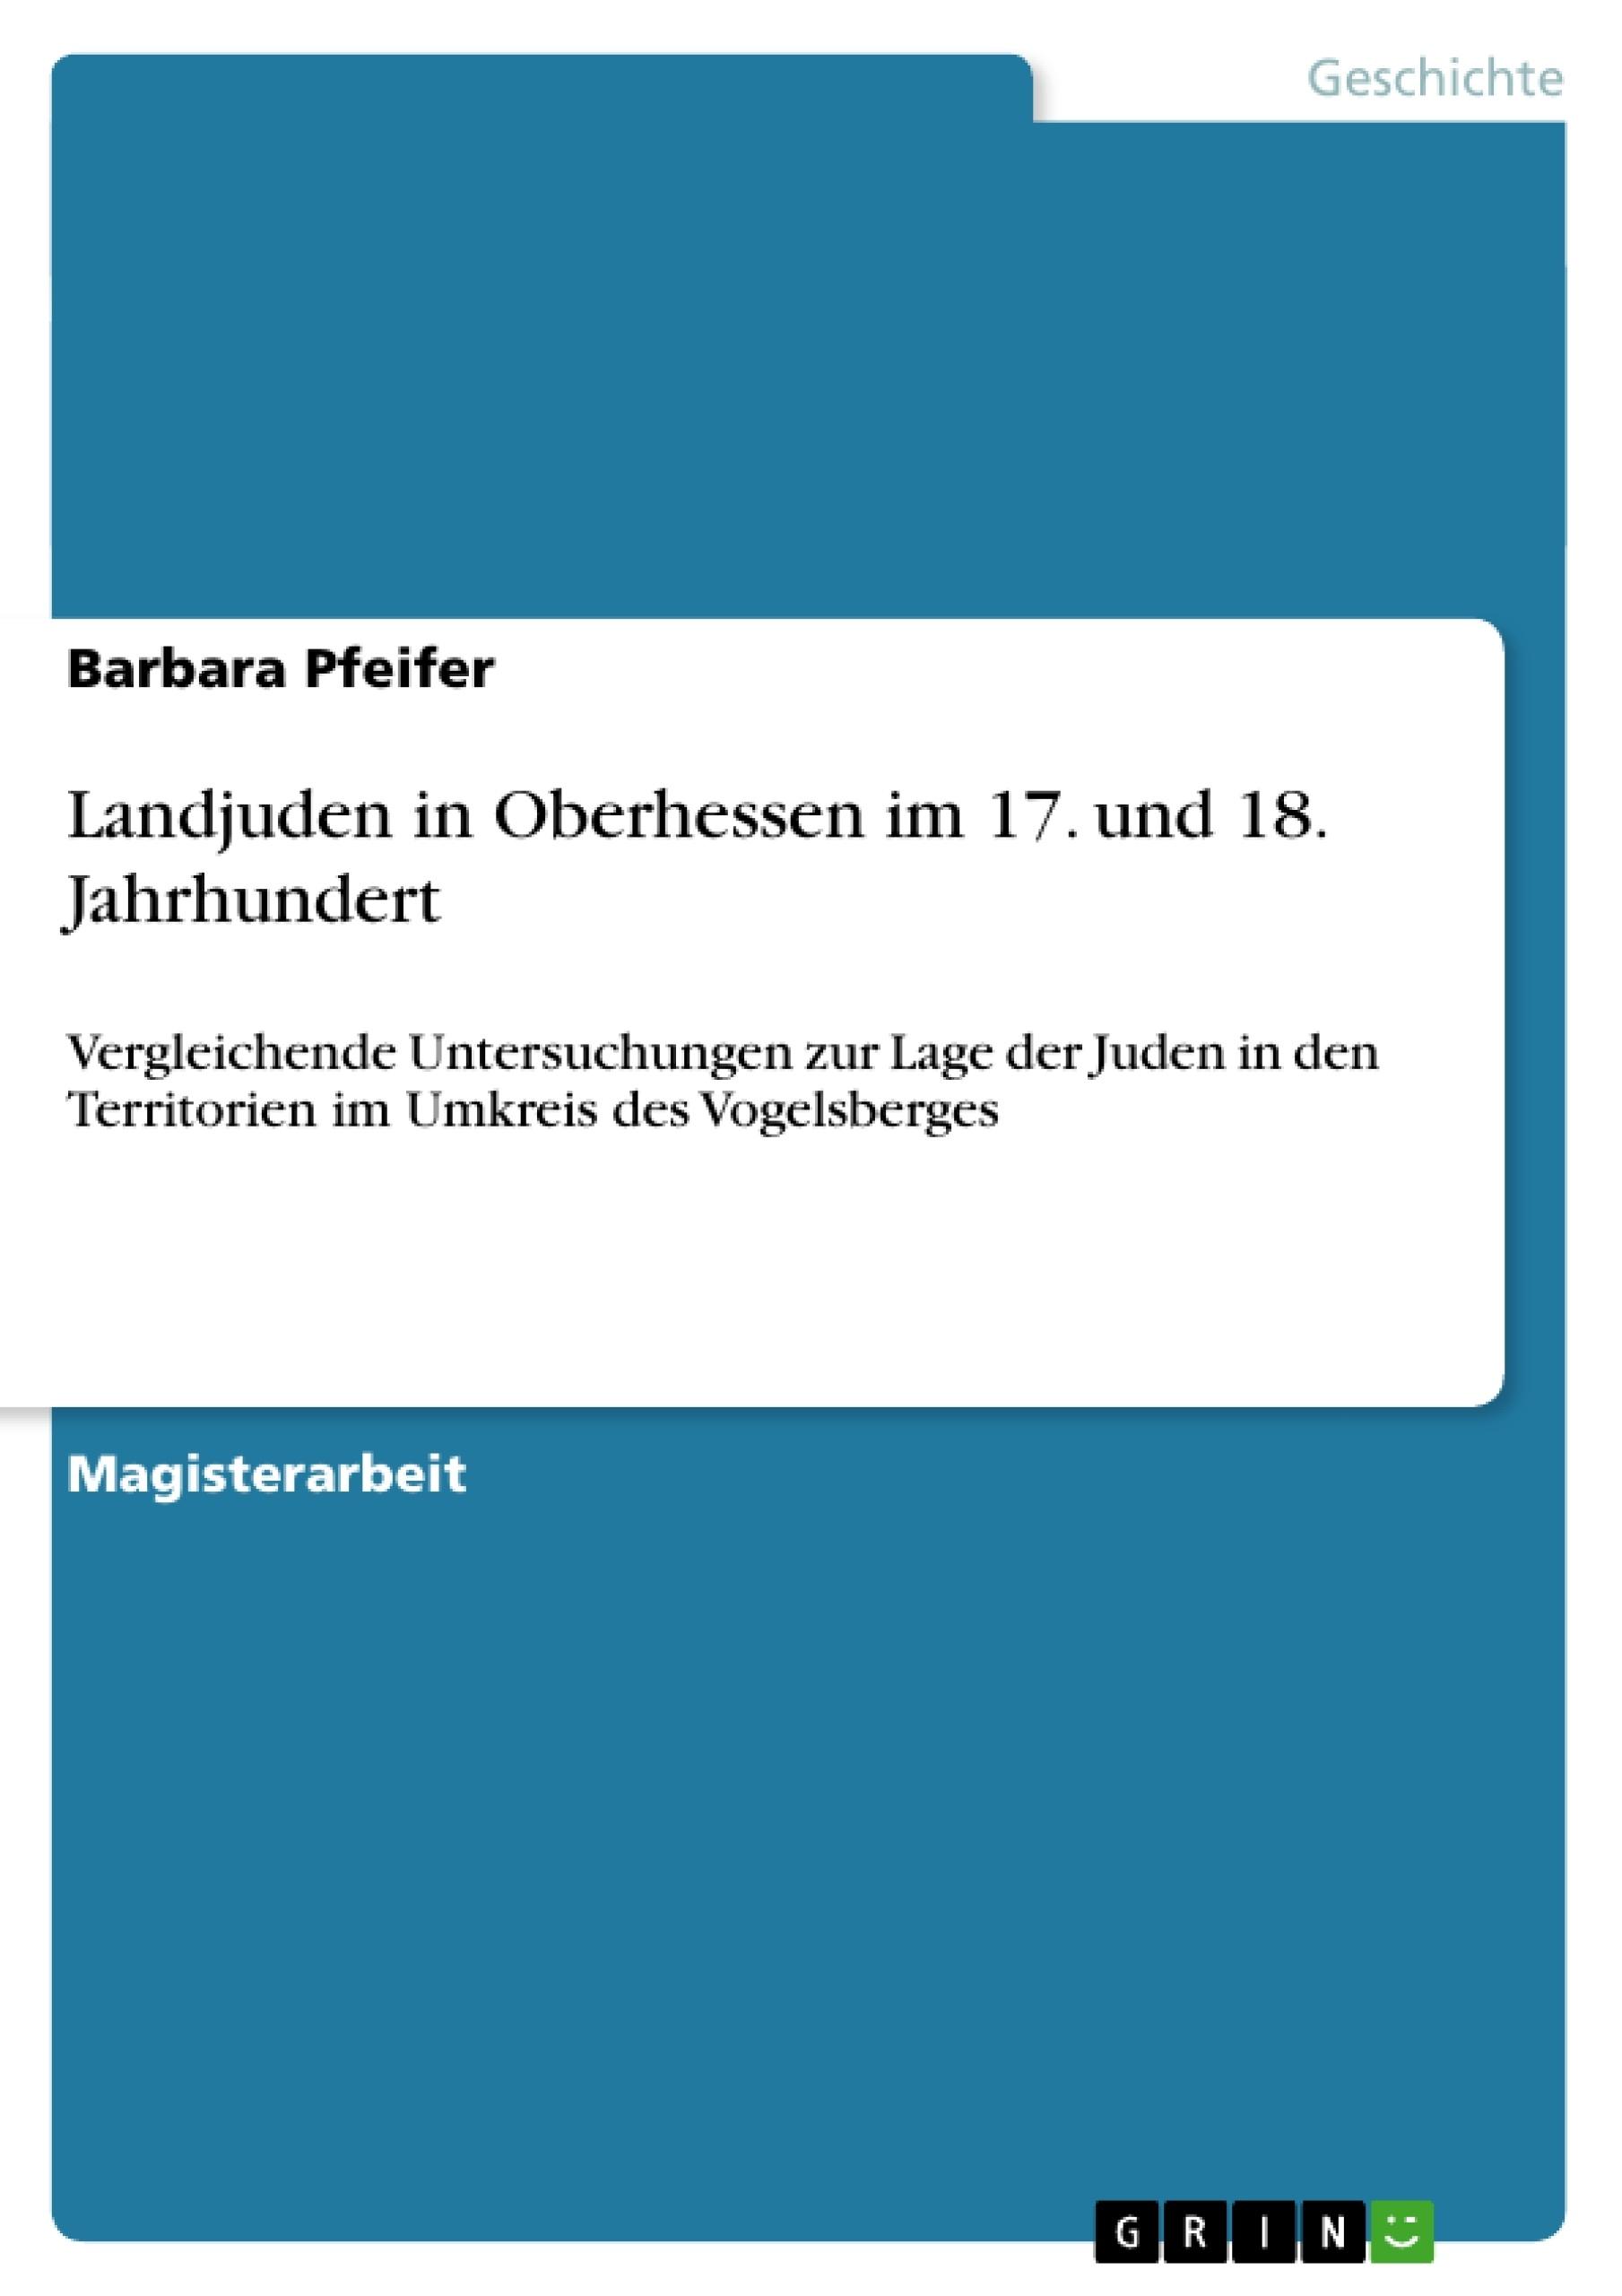 Titel: Landjuden in Oberhessen im 17. und 18. Jahrhundert